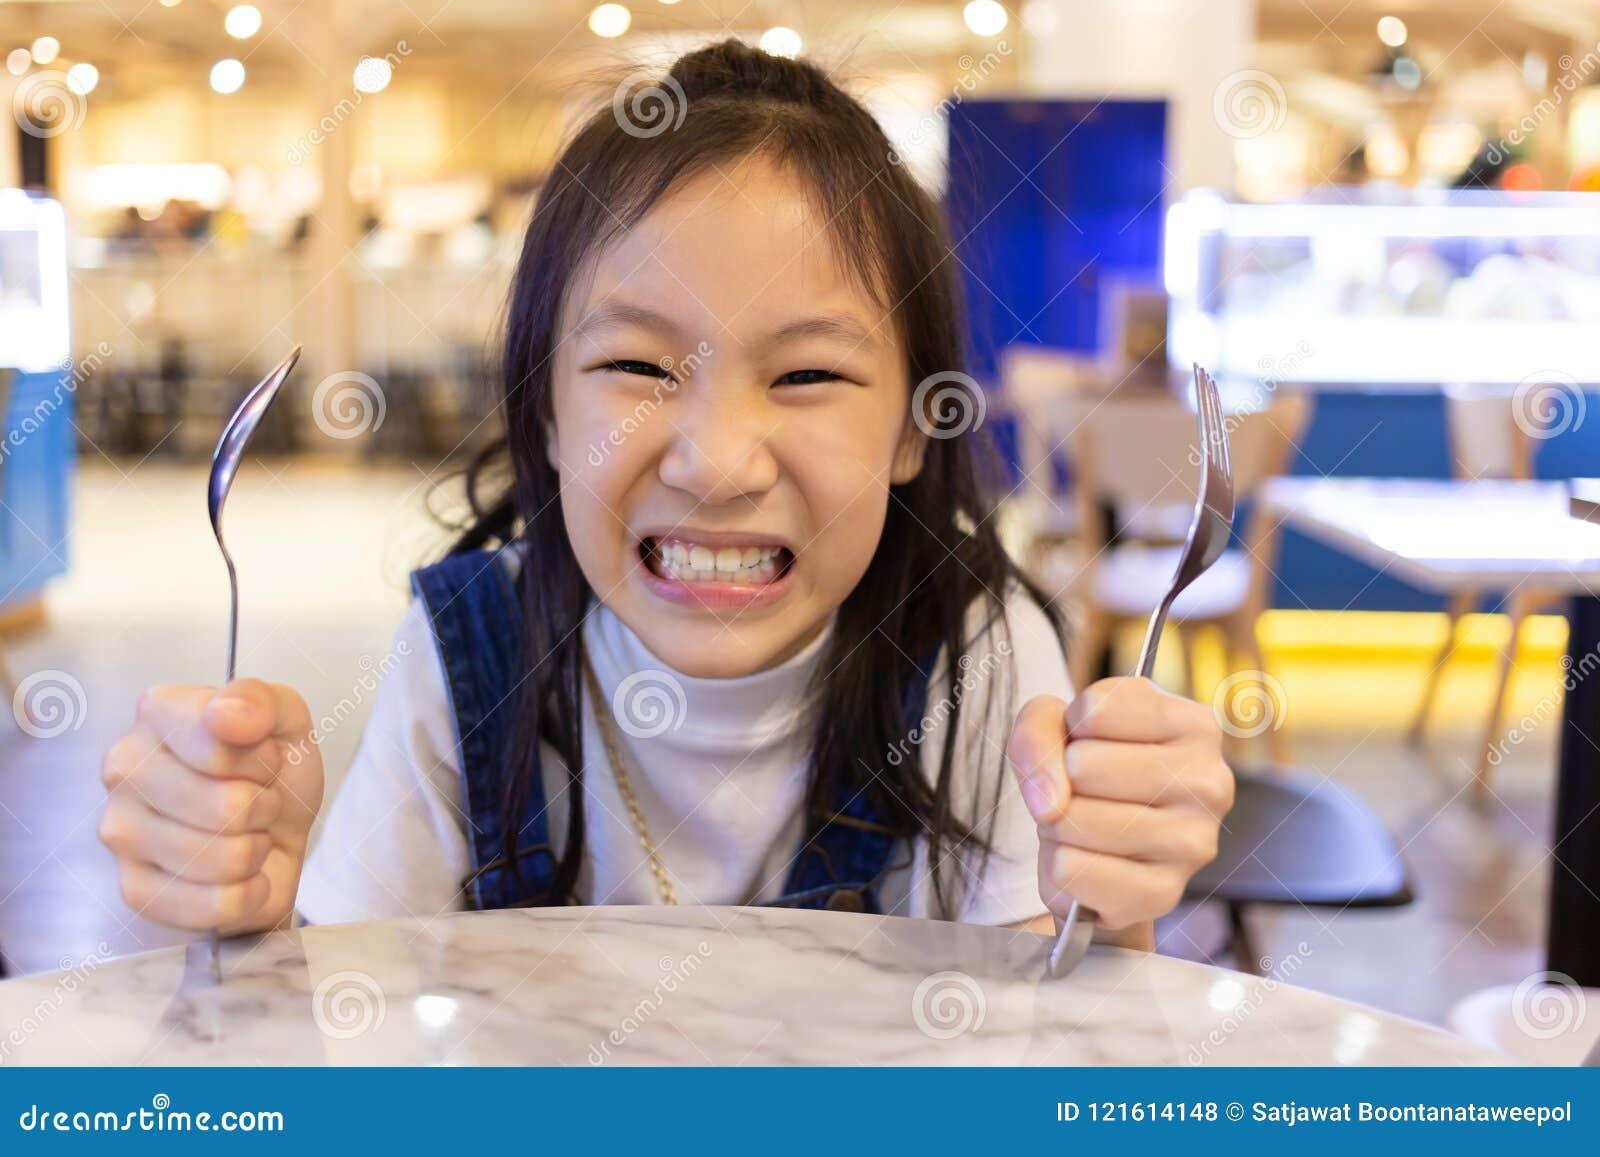 Äta oordning, lunch och ord för asiatisk gullig flicka hungrig väntande på